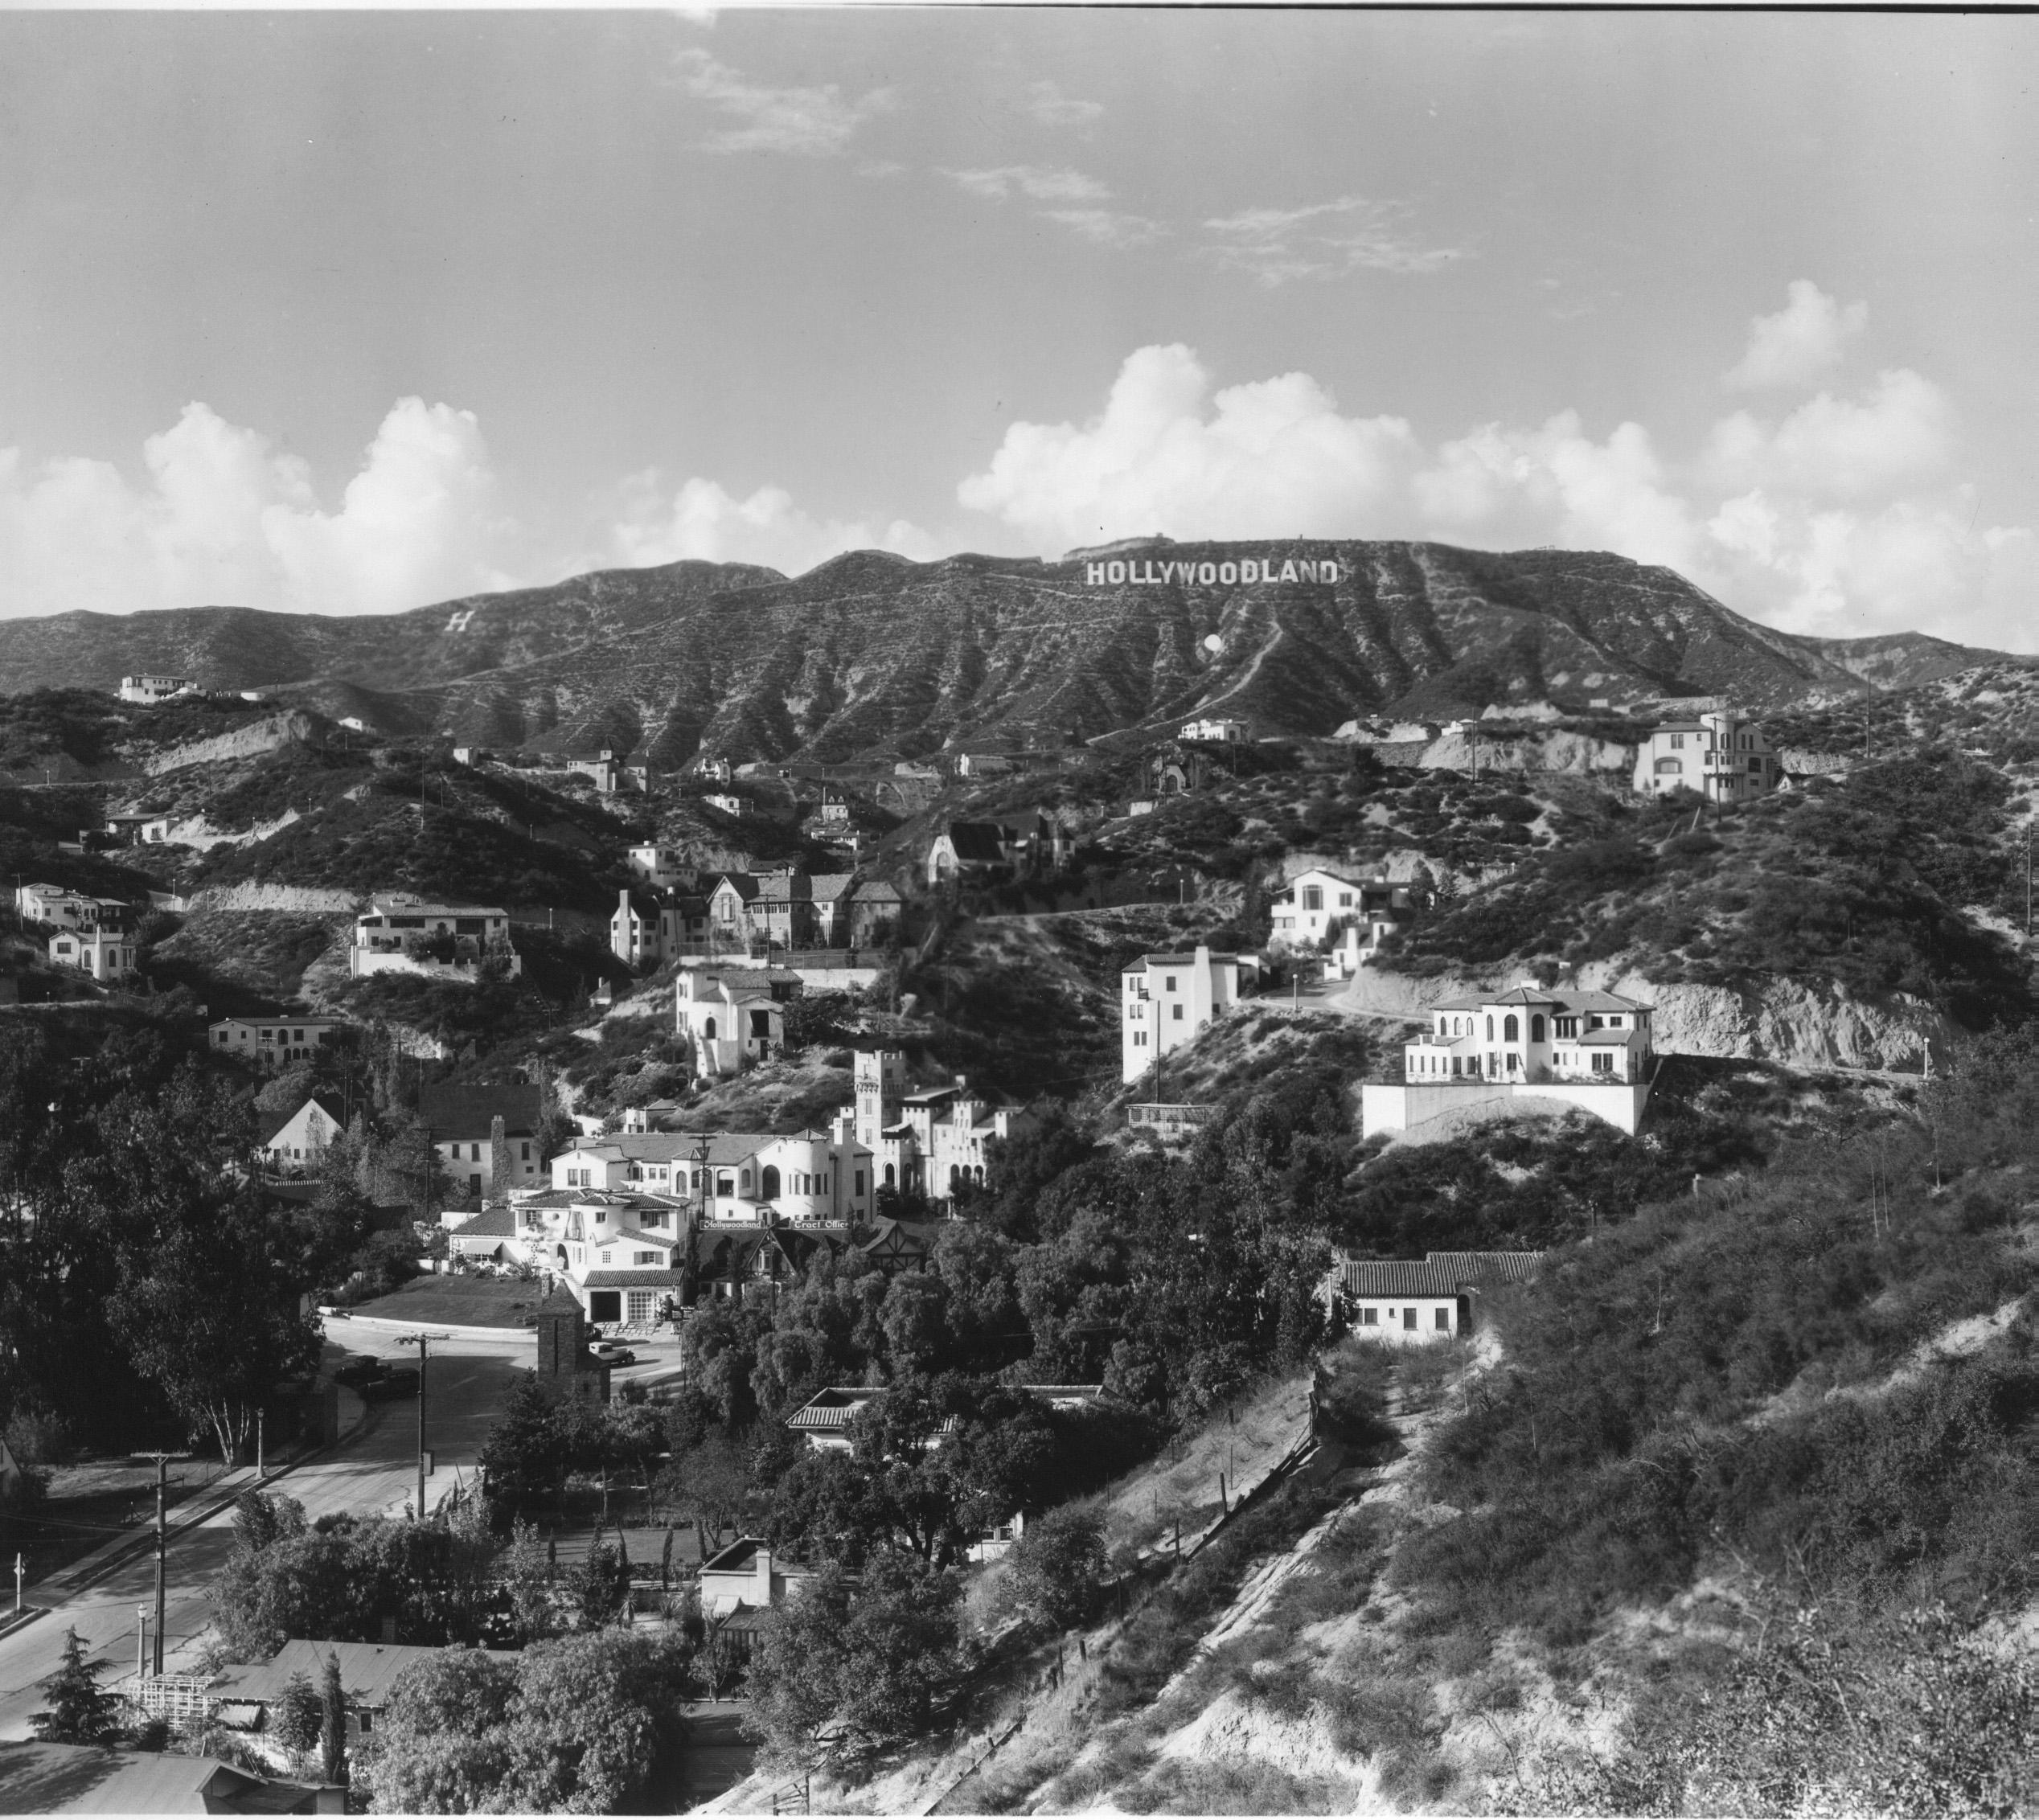 hollywoodland, c. 1926